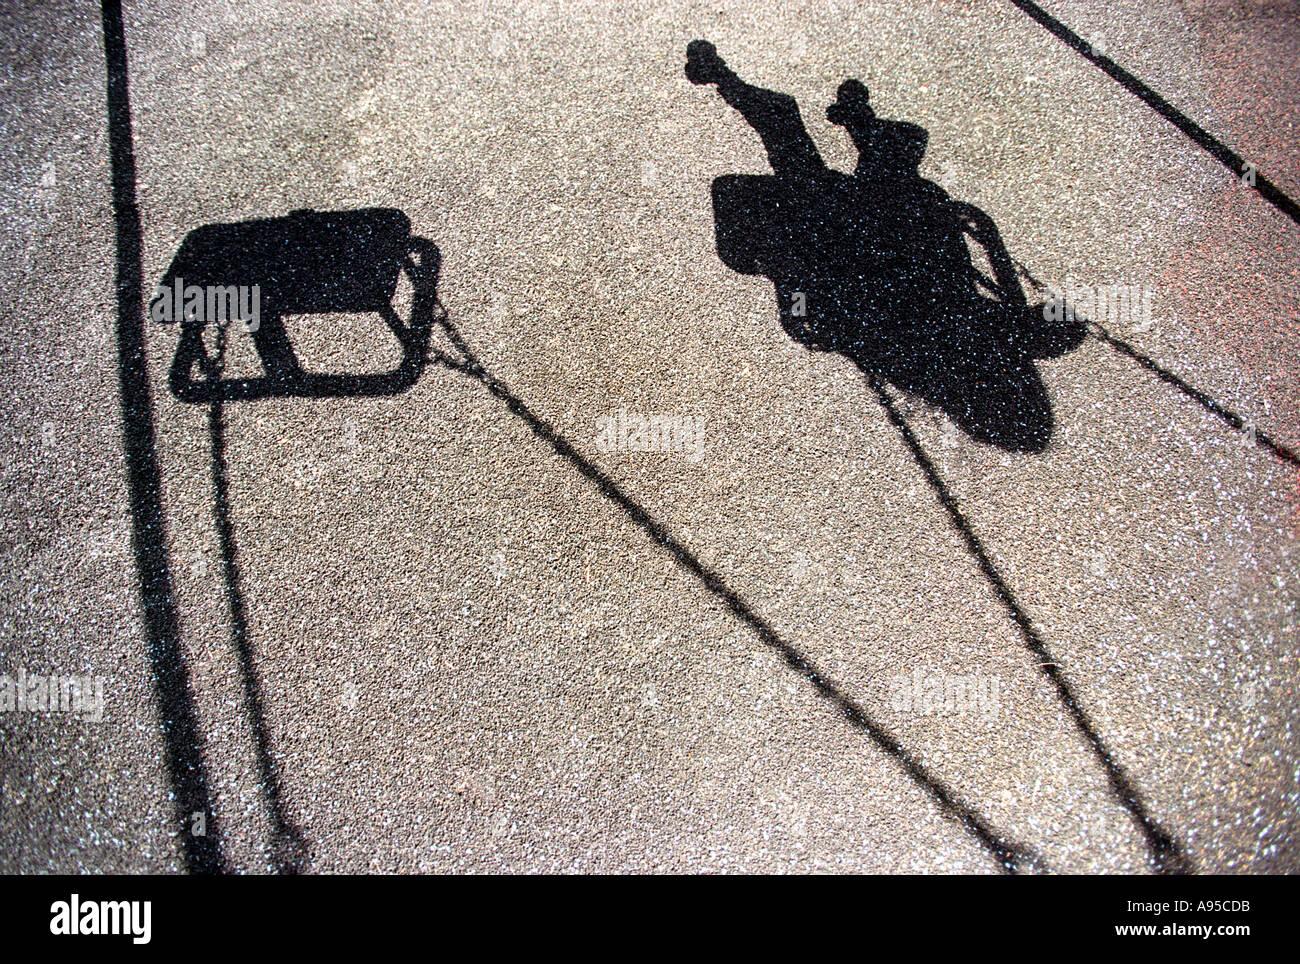 L'ombre d'une jeune fille ou garçon jouant sur une balançoire Photo Stock